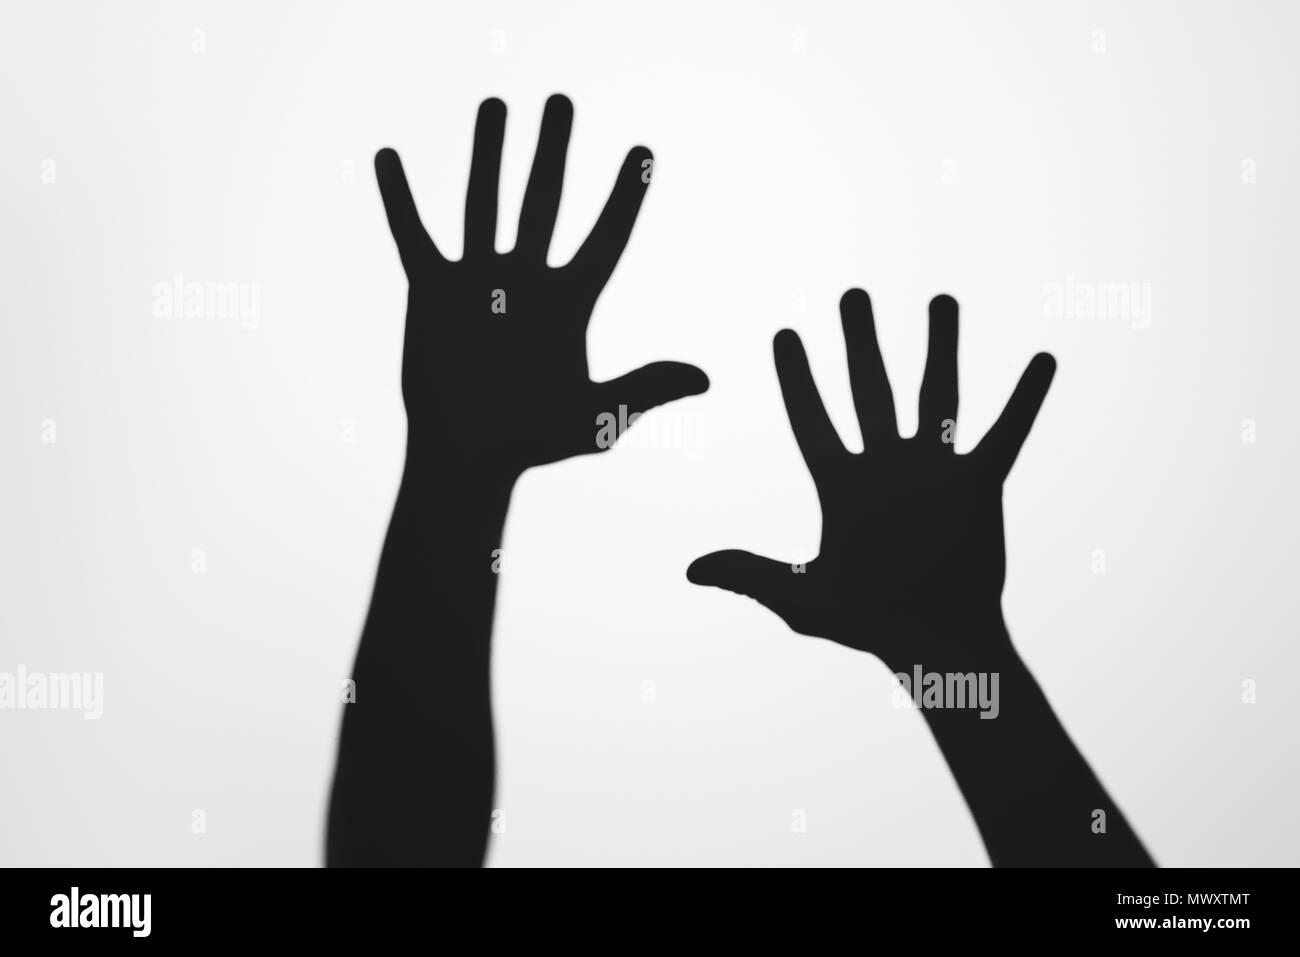 Las sombras misteriosas de manos humanas sobre gris Imagen De Stock